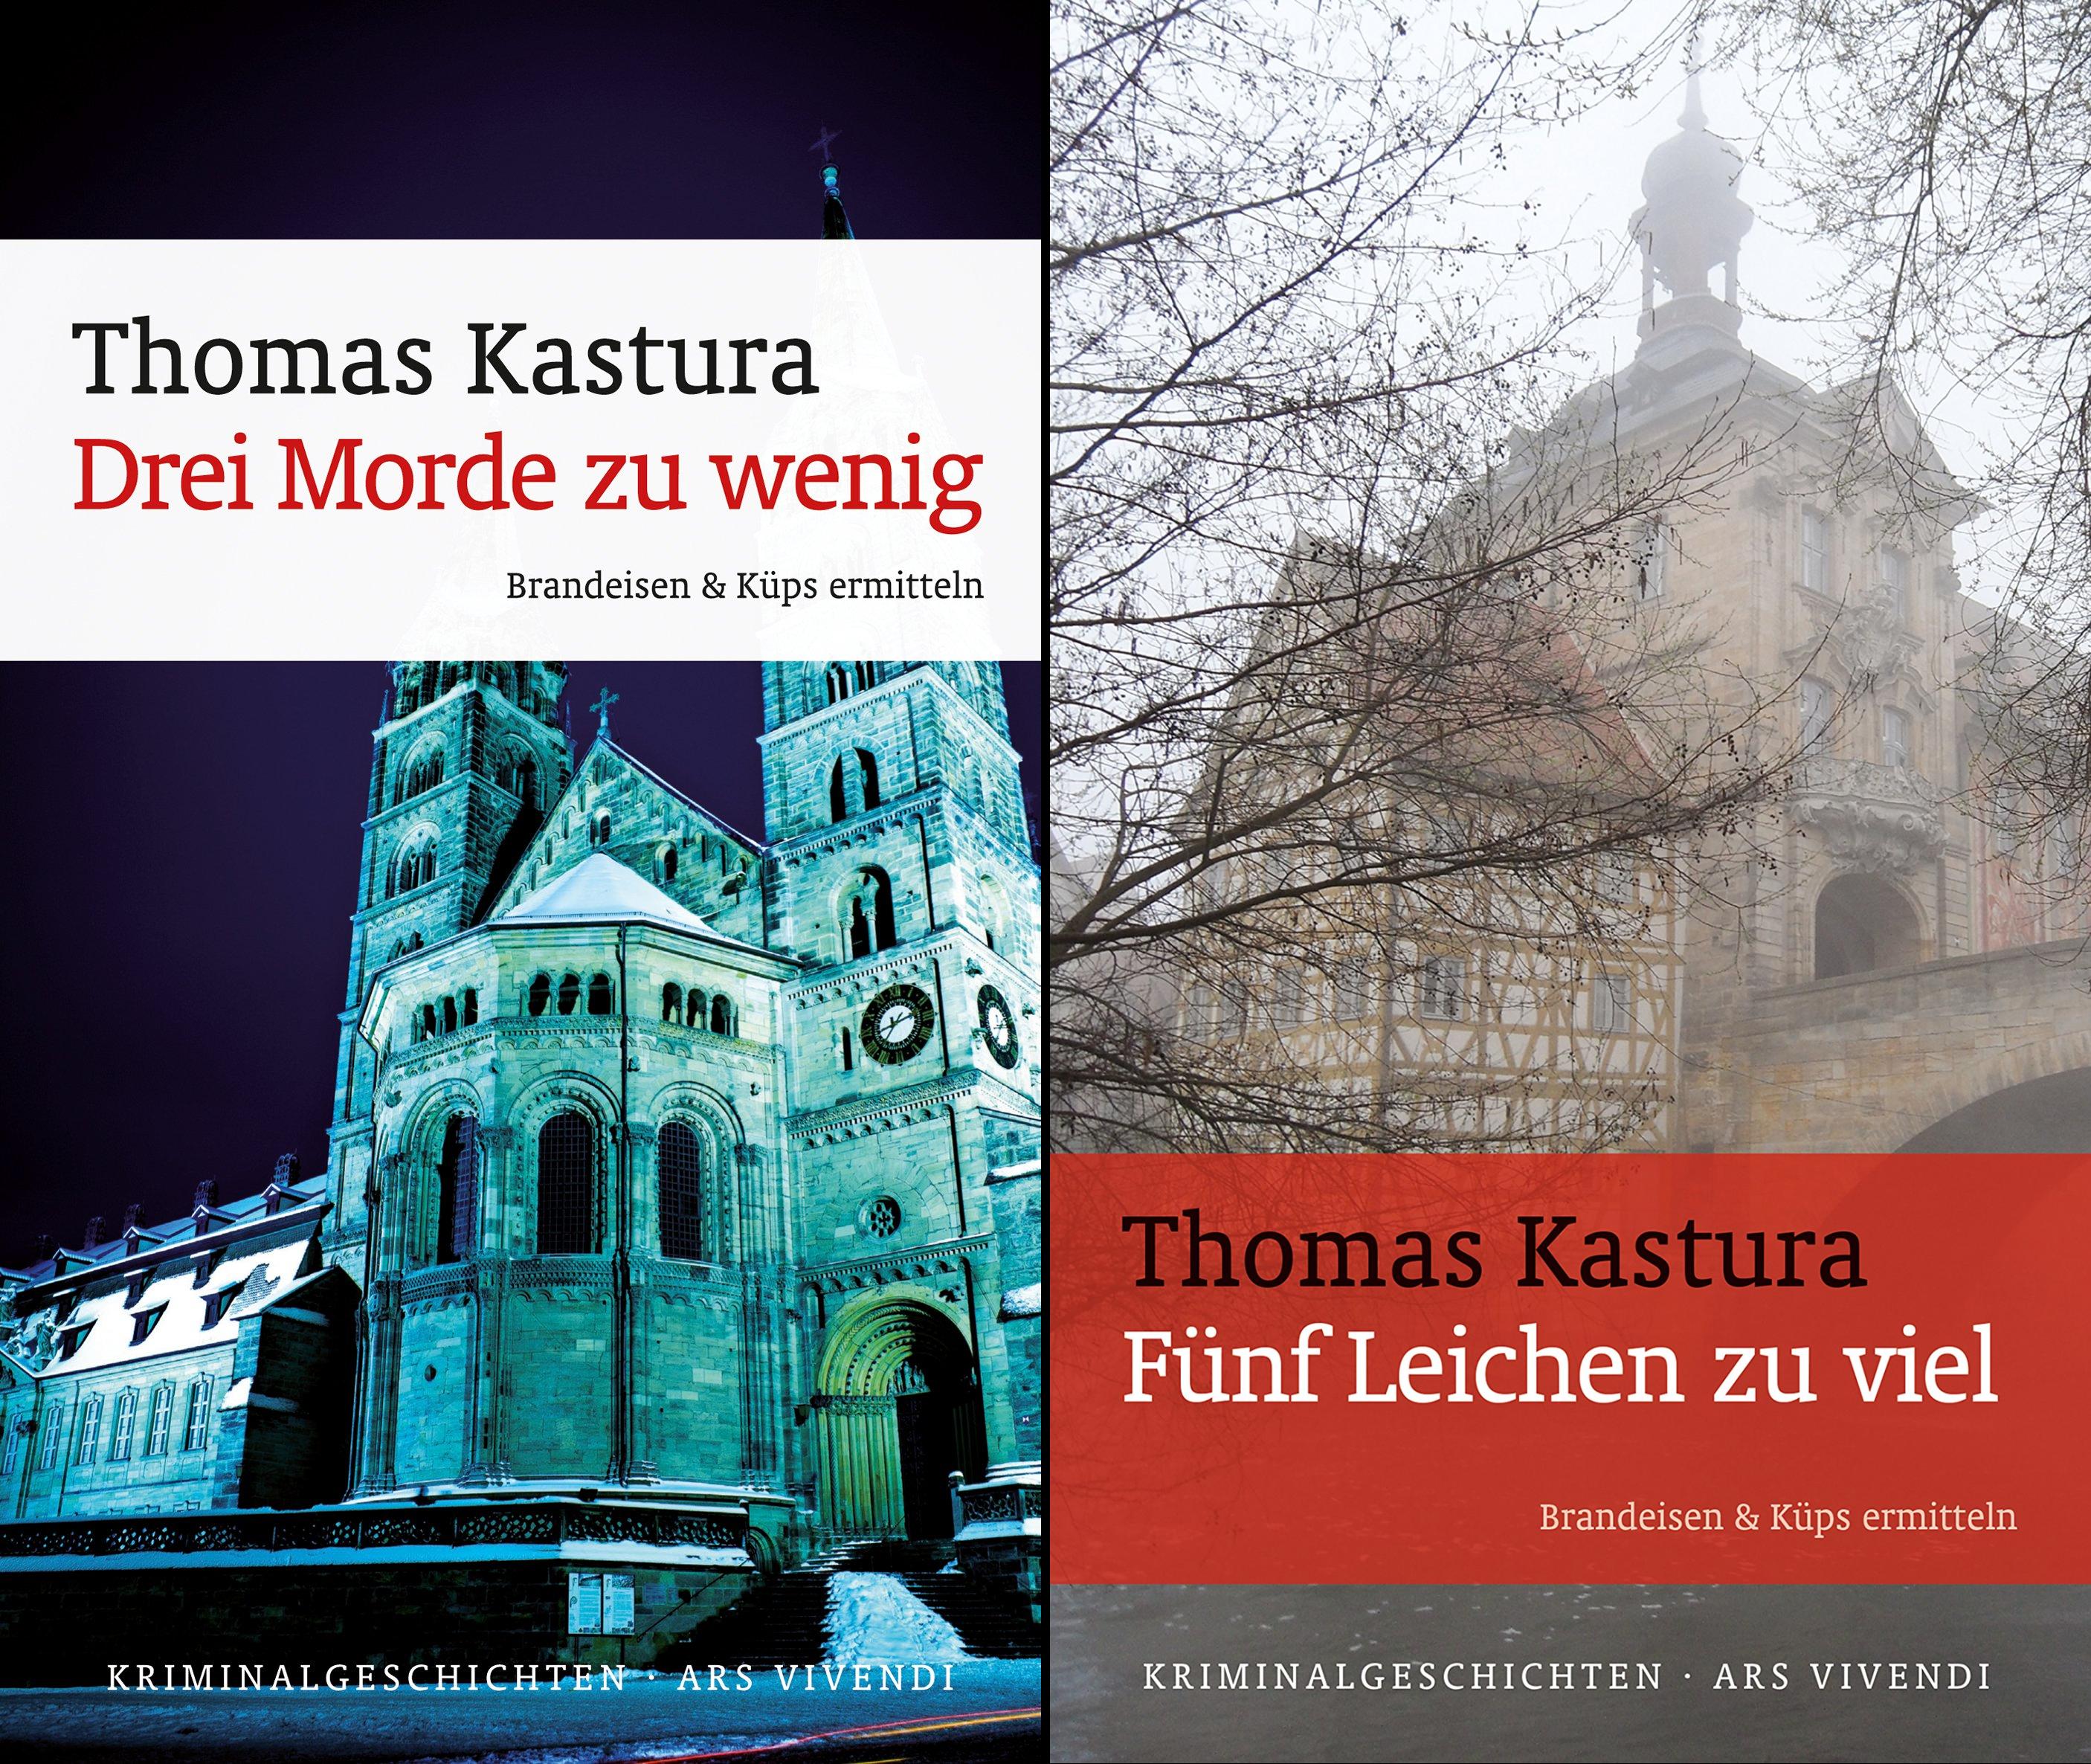 Brandeisen & Küps Sammelband (Reihe in 2 Bänden)